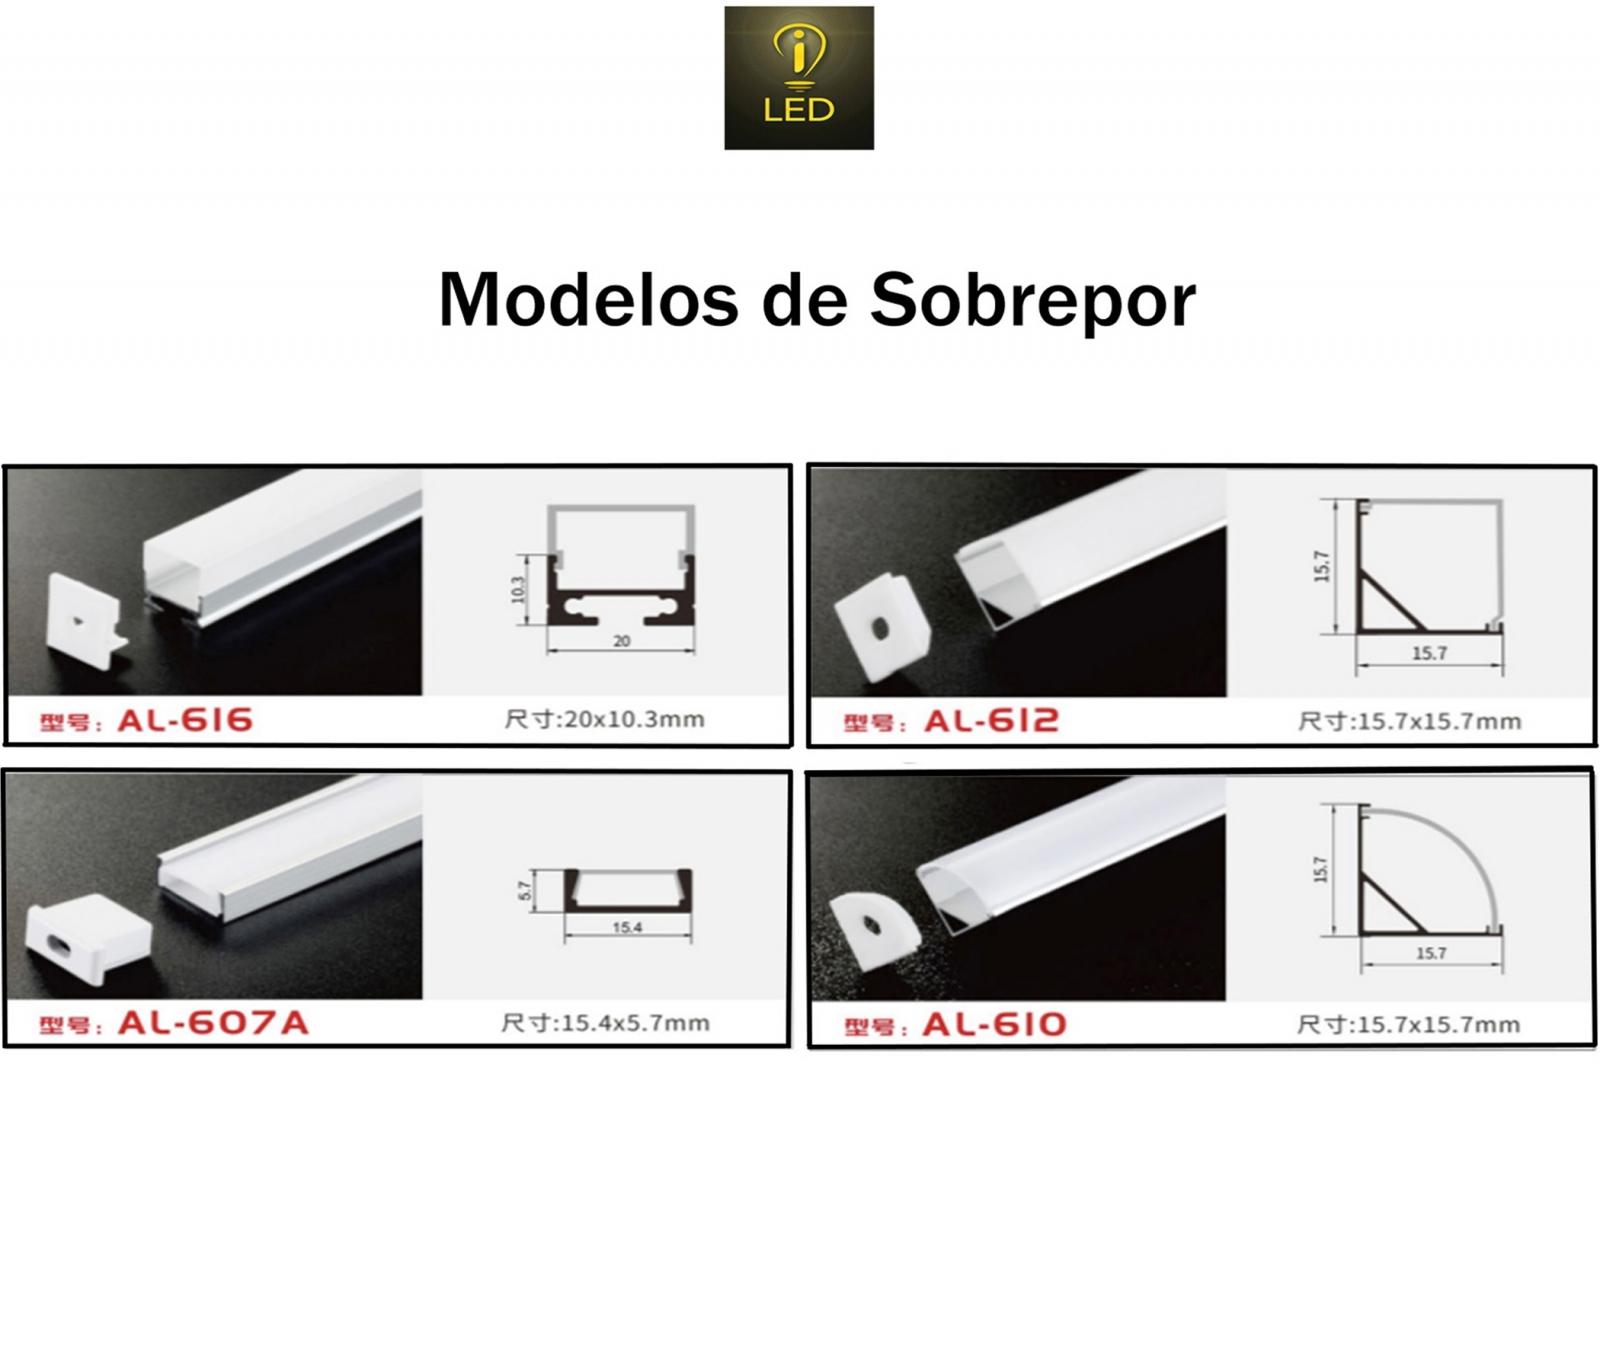 PERFIL SOBREPOR 20X10.3MM 2 METROS DIVERSAS CORES AL-616 - i9 LED